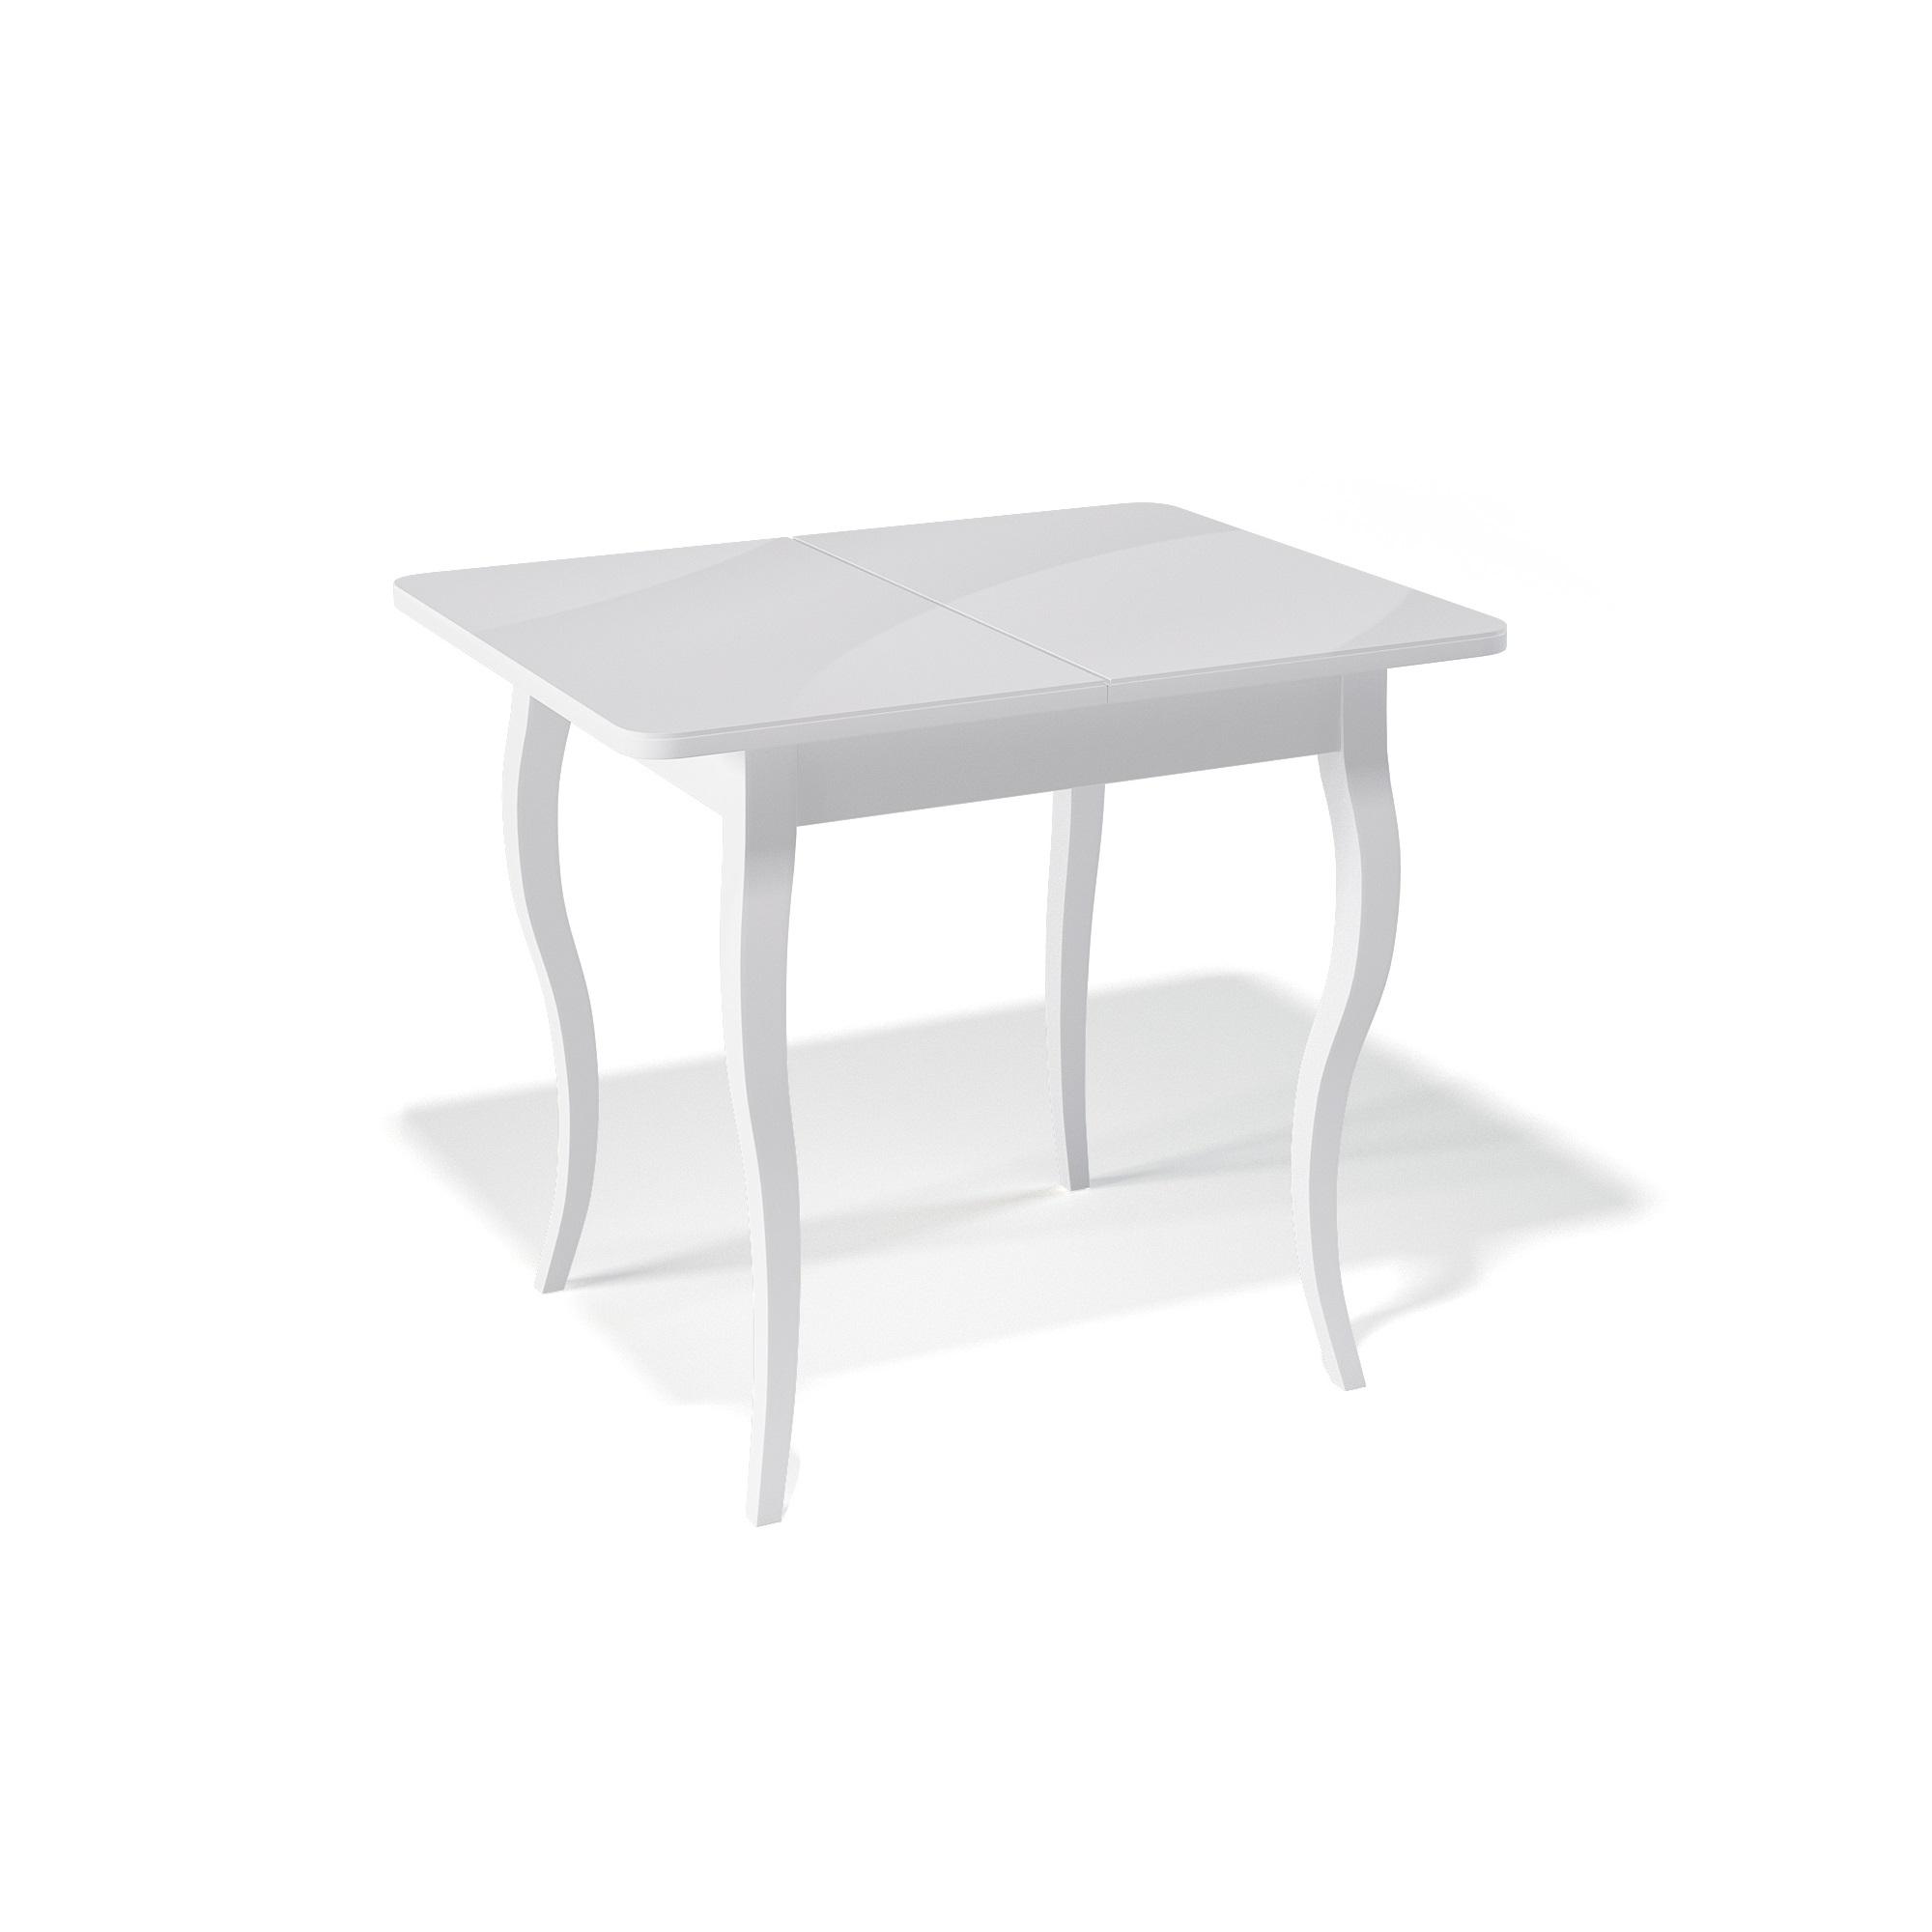 Стол обеденный KennerОбеденные столы<br>Ножки стола выполнены из массива бука, столешница - ДСП+стекло 4мм.&amp;amp;nbsp;&amp;lt;div&amp;gt;Механизм раскладки: синхронный, легкого скольжения.&amp;amp;nbsp;&amp;lt;/div&amp;gt;&amp;lt;div&amp;gt;На ножках установлены регулировочные винты.&amp;amp;nbsp;&amp;lt;/div&amp;gt;&amp;lt;div&amp;gt;Фурнитура в комплекте.&amp;amp;nbsp;&amp;lt;/div&amp;gt;&amp;lt;div&amp;gt;Стол раскладной,вставка &amp;quot;бабочка&amp;quot; со стеклом.&amp;amp;nbsp;&amp;lt;/div&amp;gt;&amp;lt;div&amp;gt;Размер столешницы в разложенном виде: 120х70 см. &amp;lt;/div&amp;gt;<br><br>Material: Дерево<br>Ширина см: 90.0<br>Высота см: 75.0<br>Глубина см: 70.0